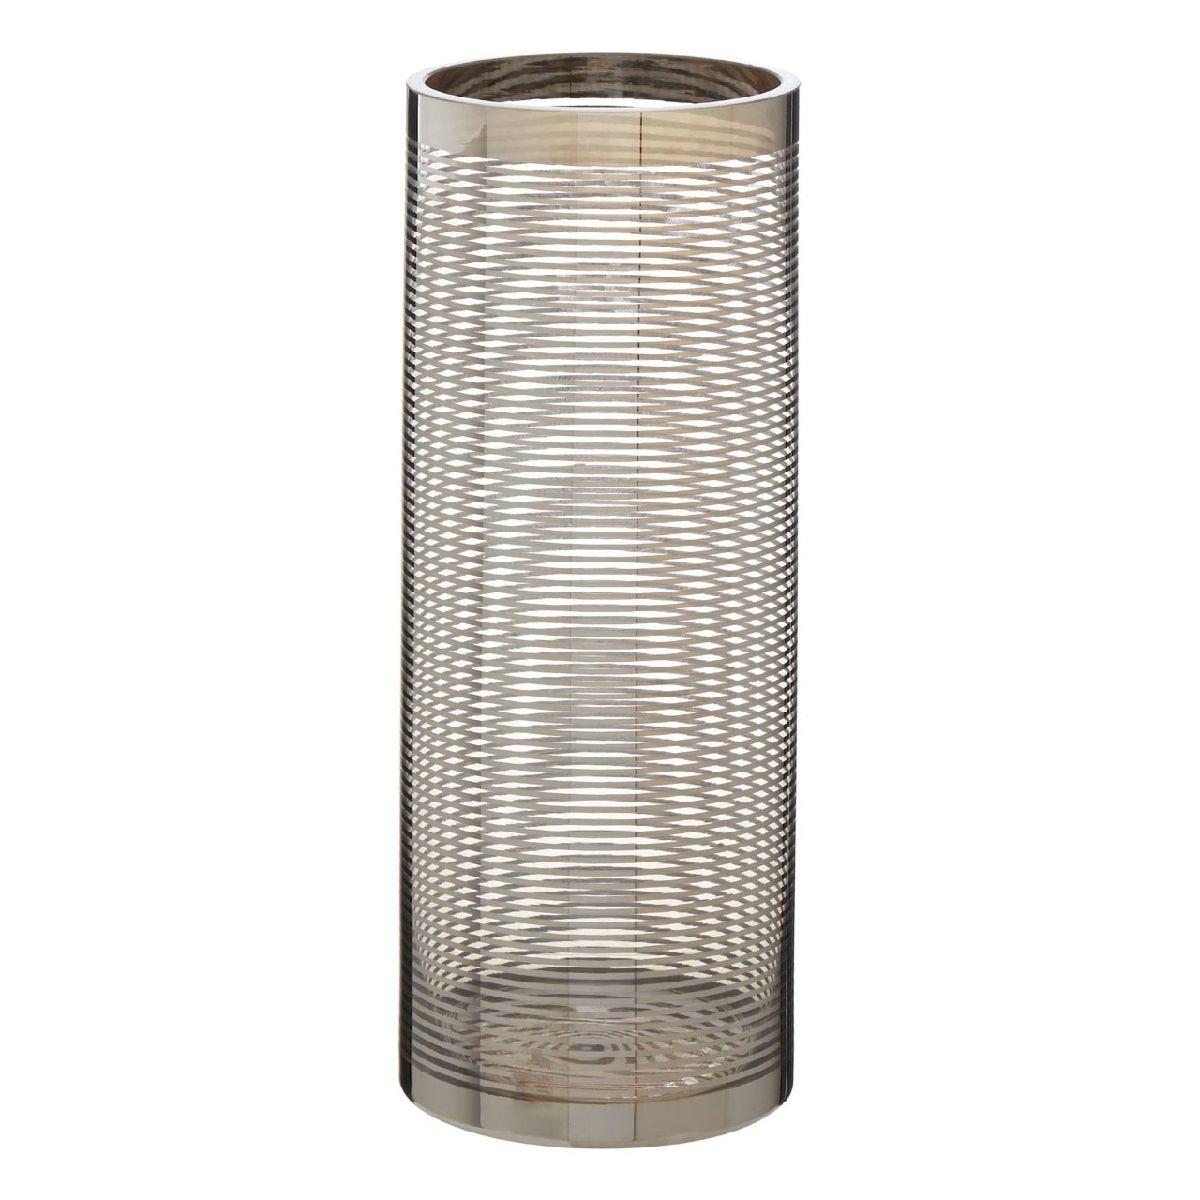 Premier Housewares Cylinder Glass Vase Nickel Stripe - Large